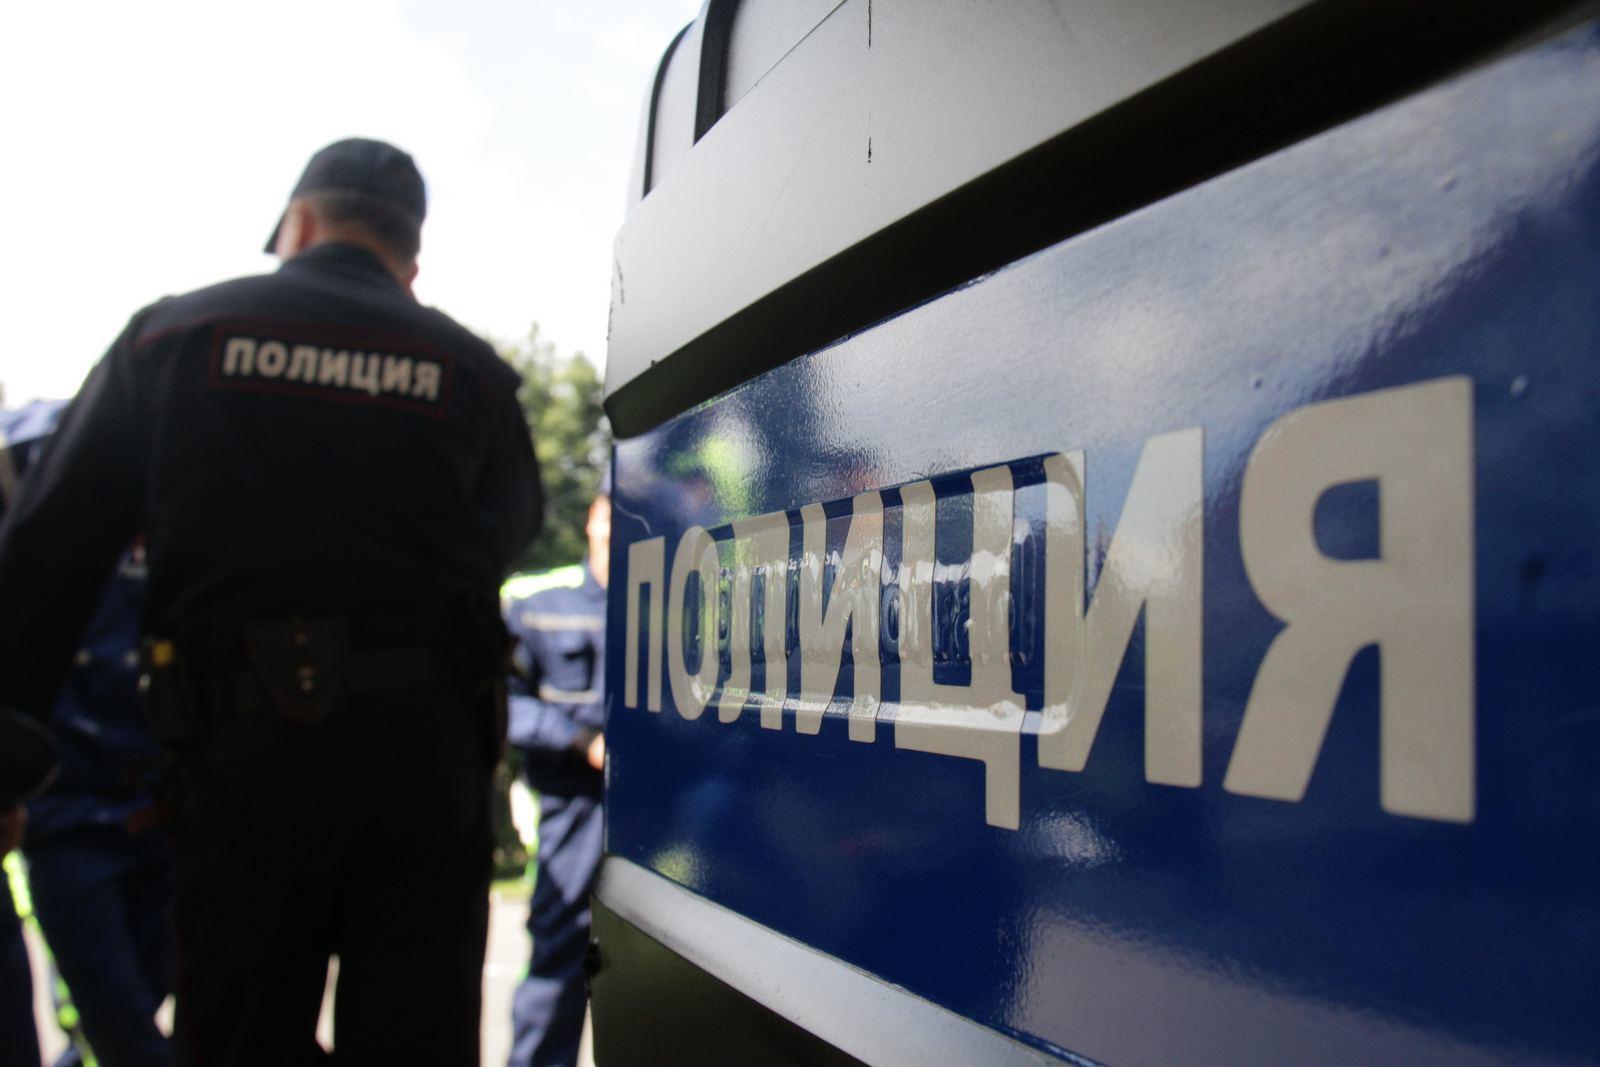 Сотрудники полиции УВД по ТиНАО задержали подозреваемого в присвоении денежных средств организации